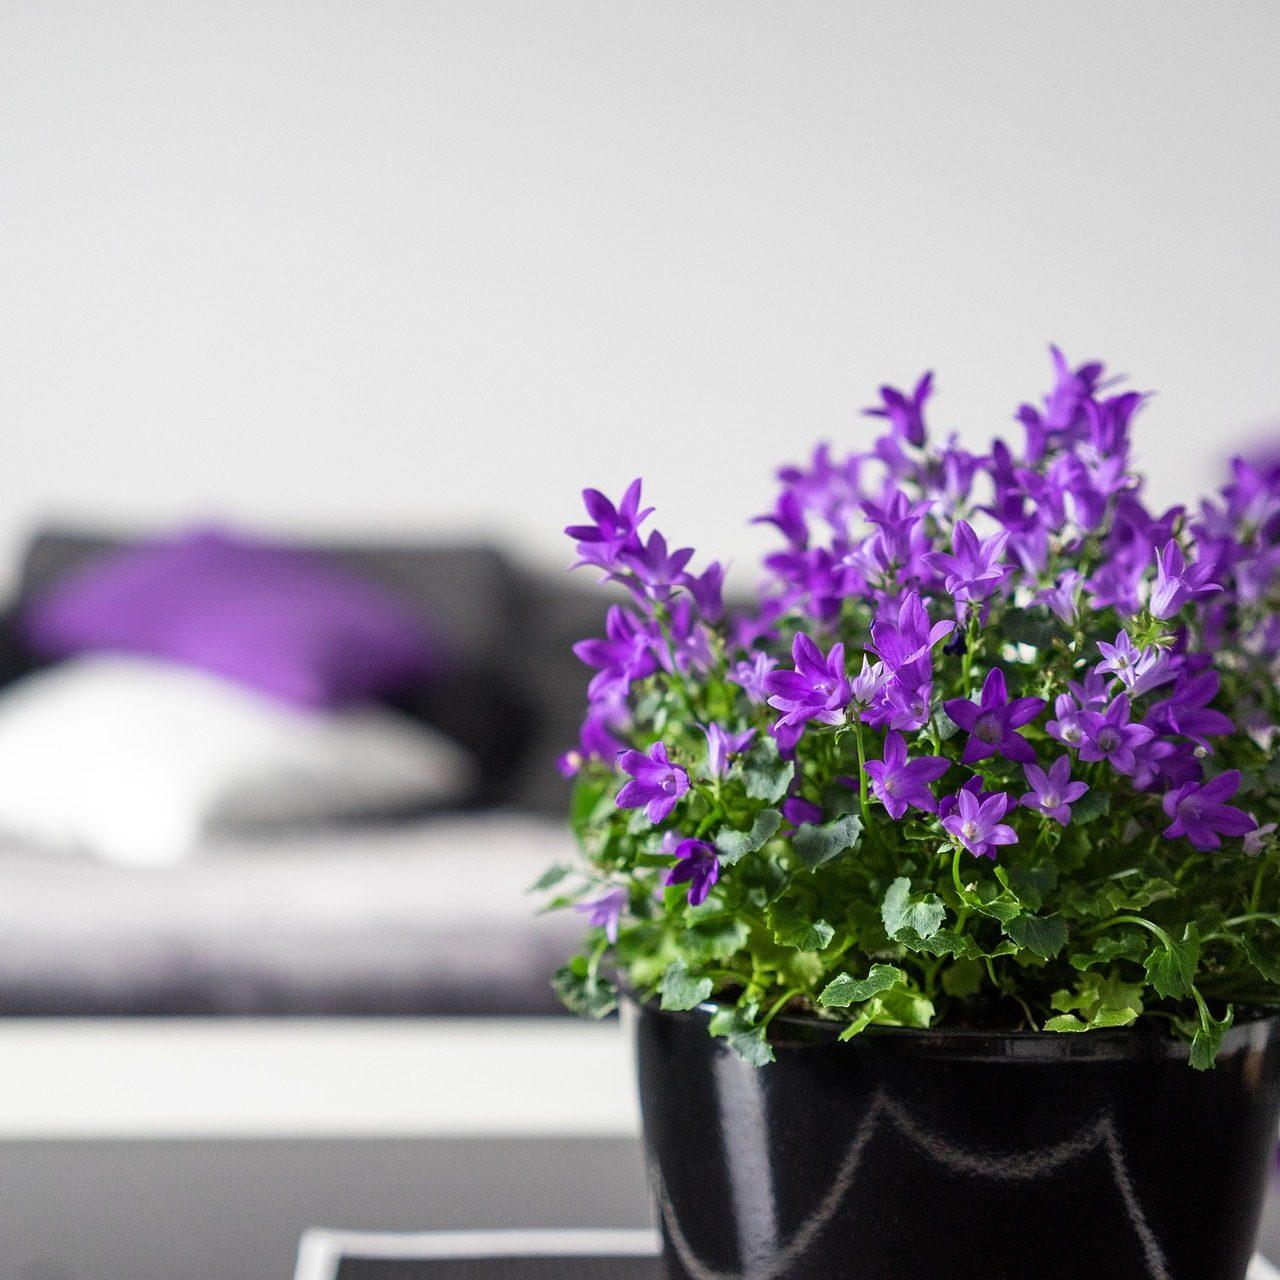 violet-2374509_1920